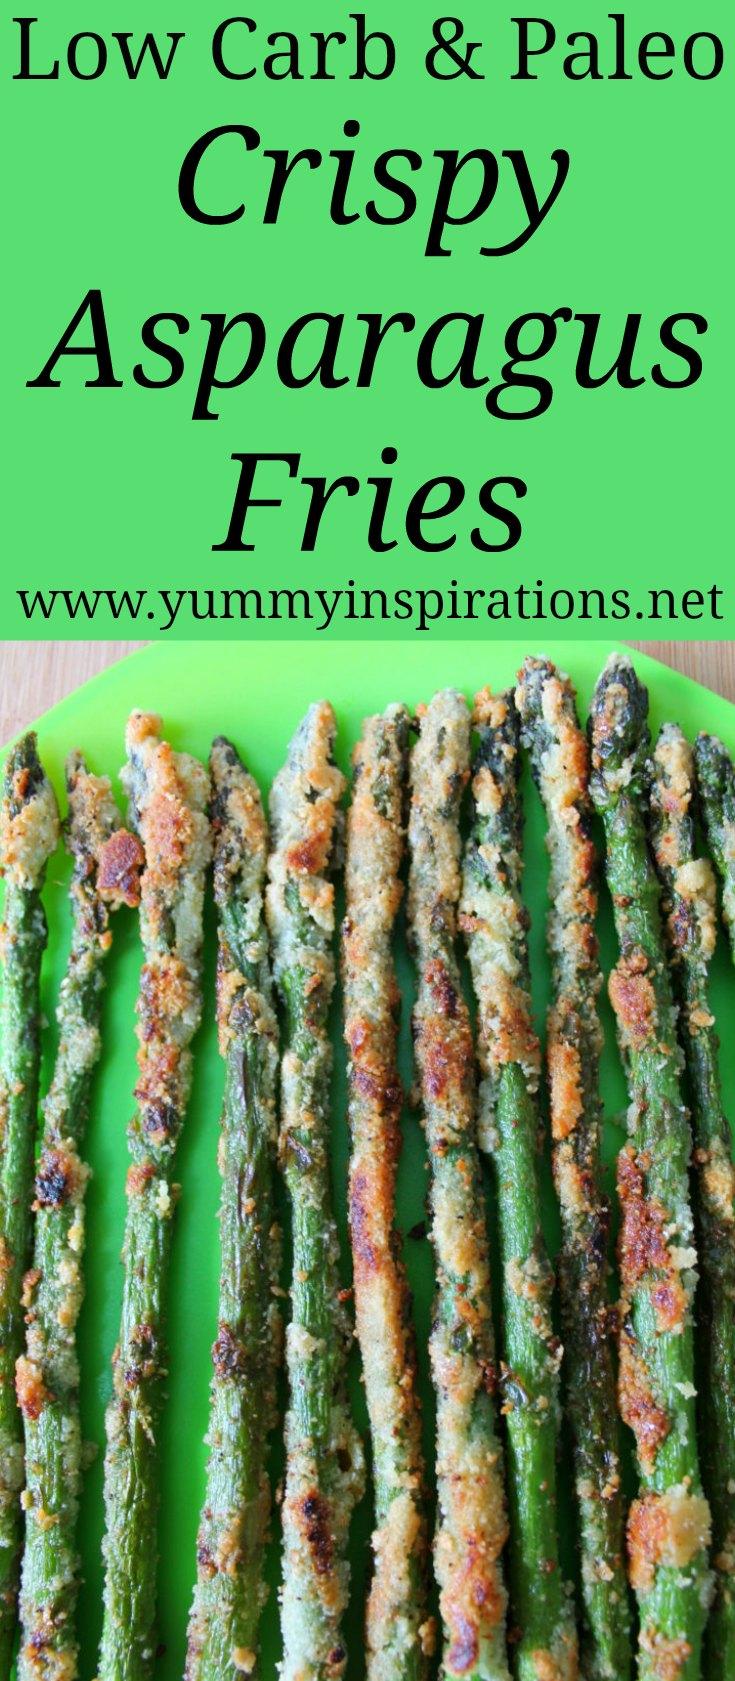 Keto Crispy Asparagus Fries Recipe - Low Carb & Paleo friendly asparagus recipes